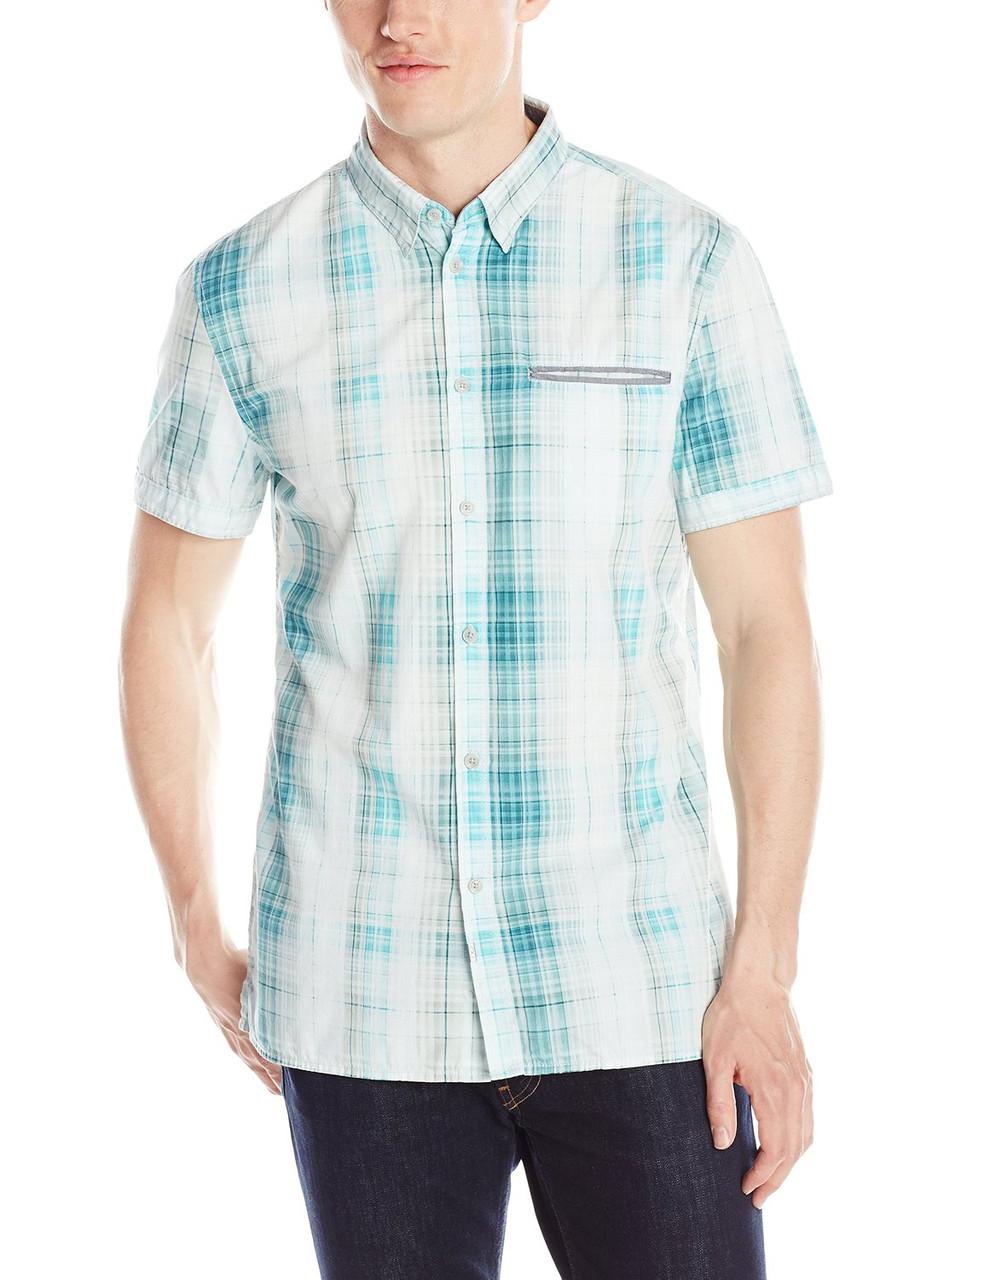 Рубашка Calvin Klein Jeans, L, Pictum, 41LW106-461